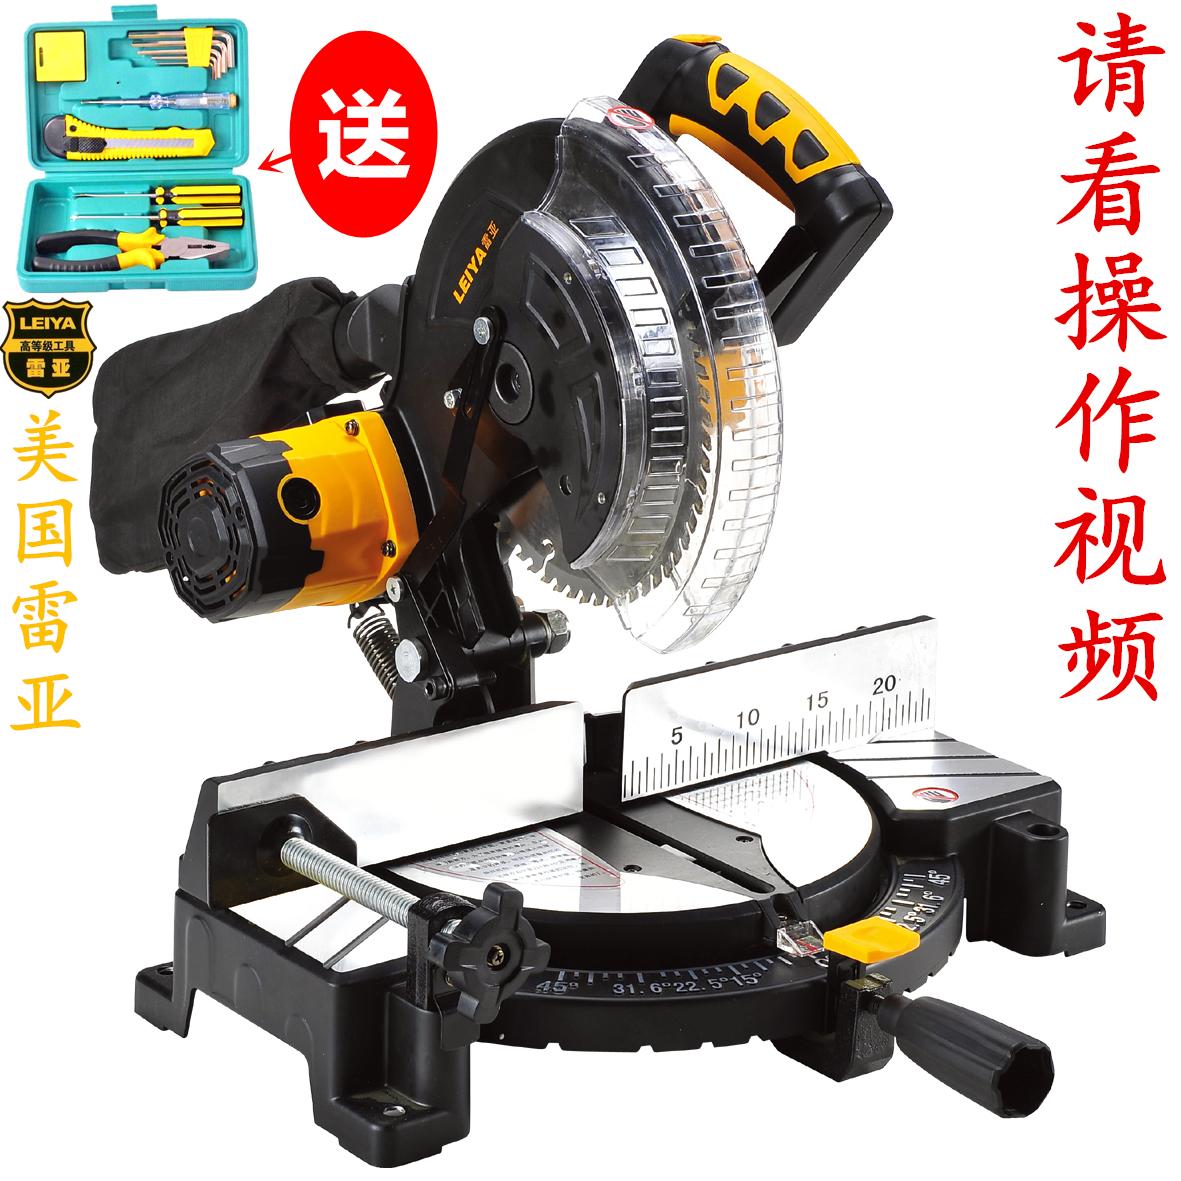 美国雷亚锯铝机切割机多功能45度切角机铝合金高精度斜切锯界铝机